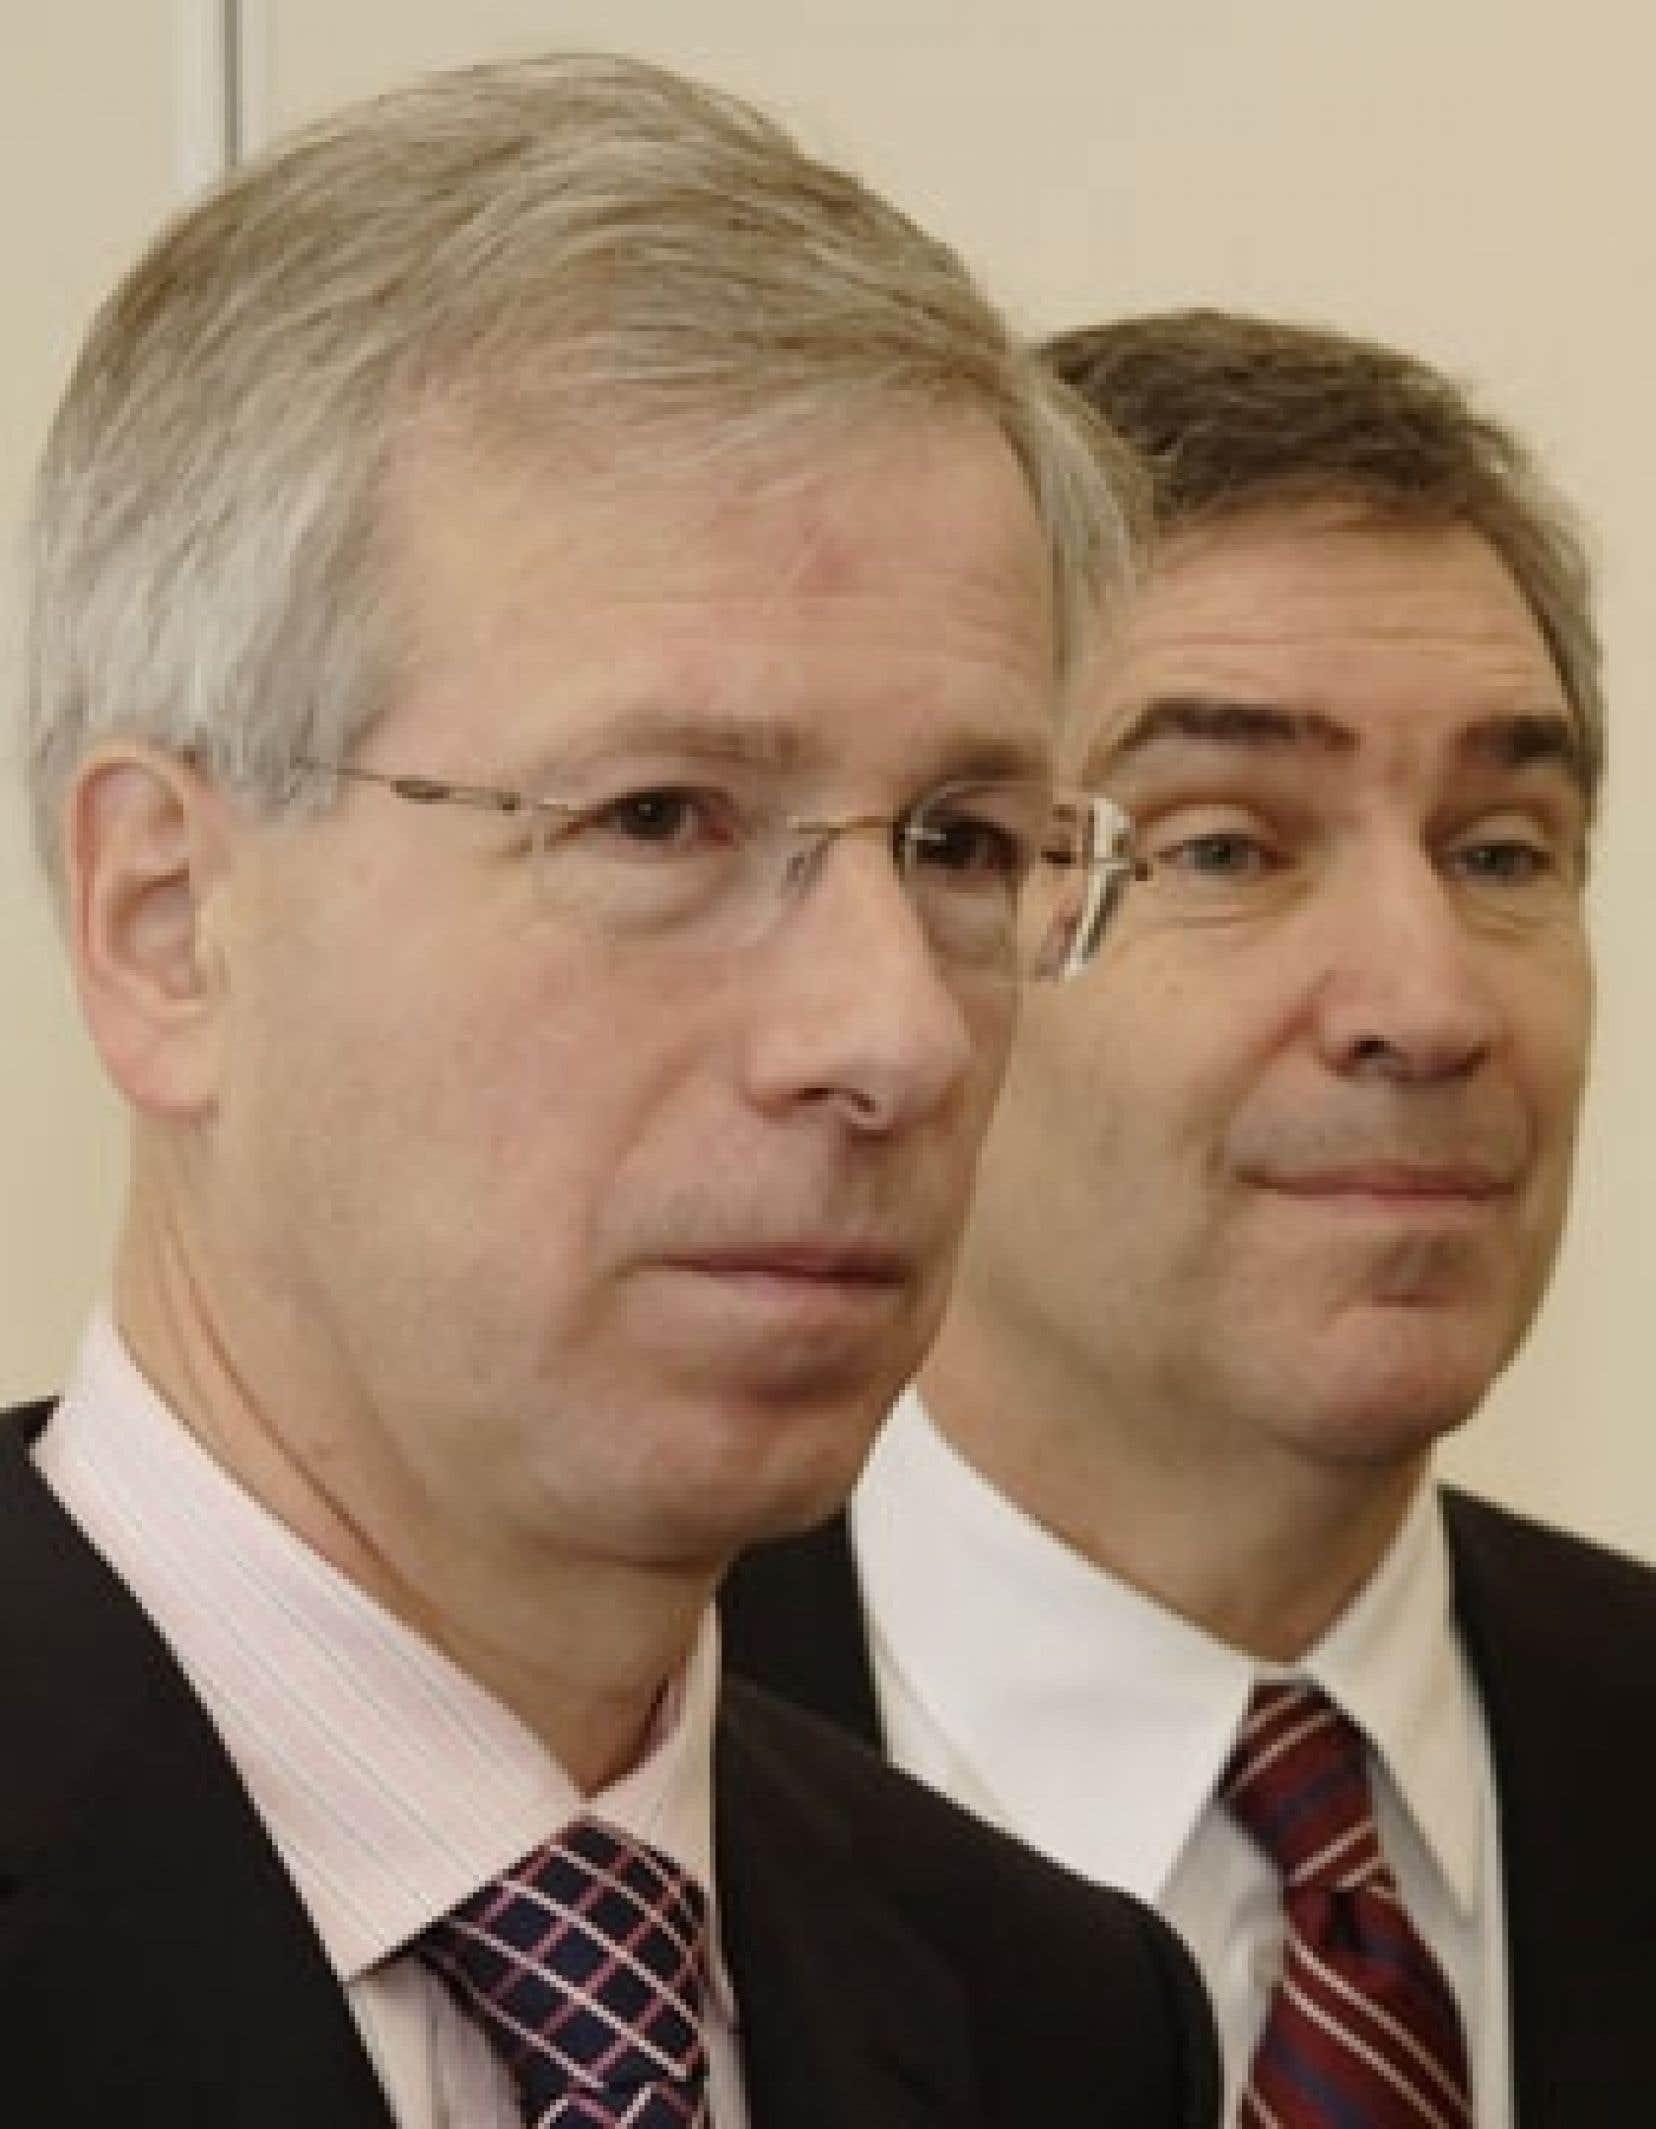 Stéphane Dion a fait de Michael Ignatieff son bras droit en le nommant leader adjoint.